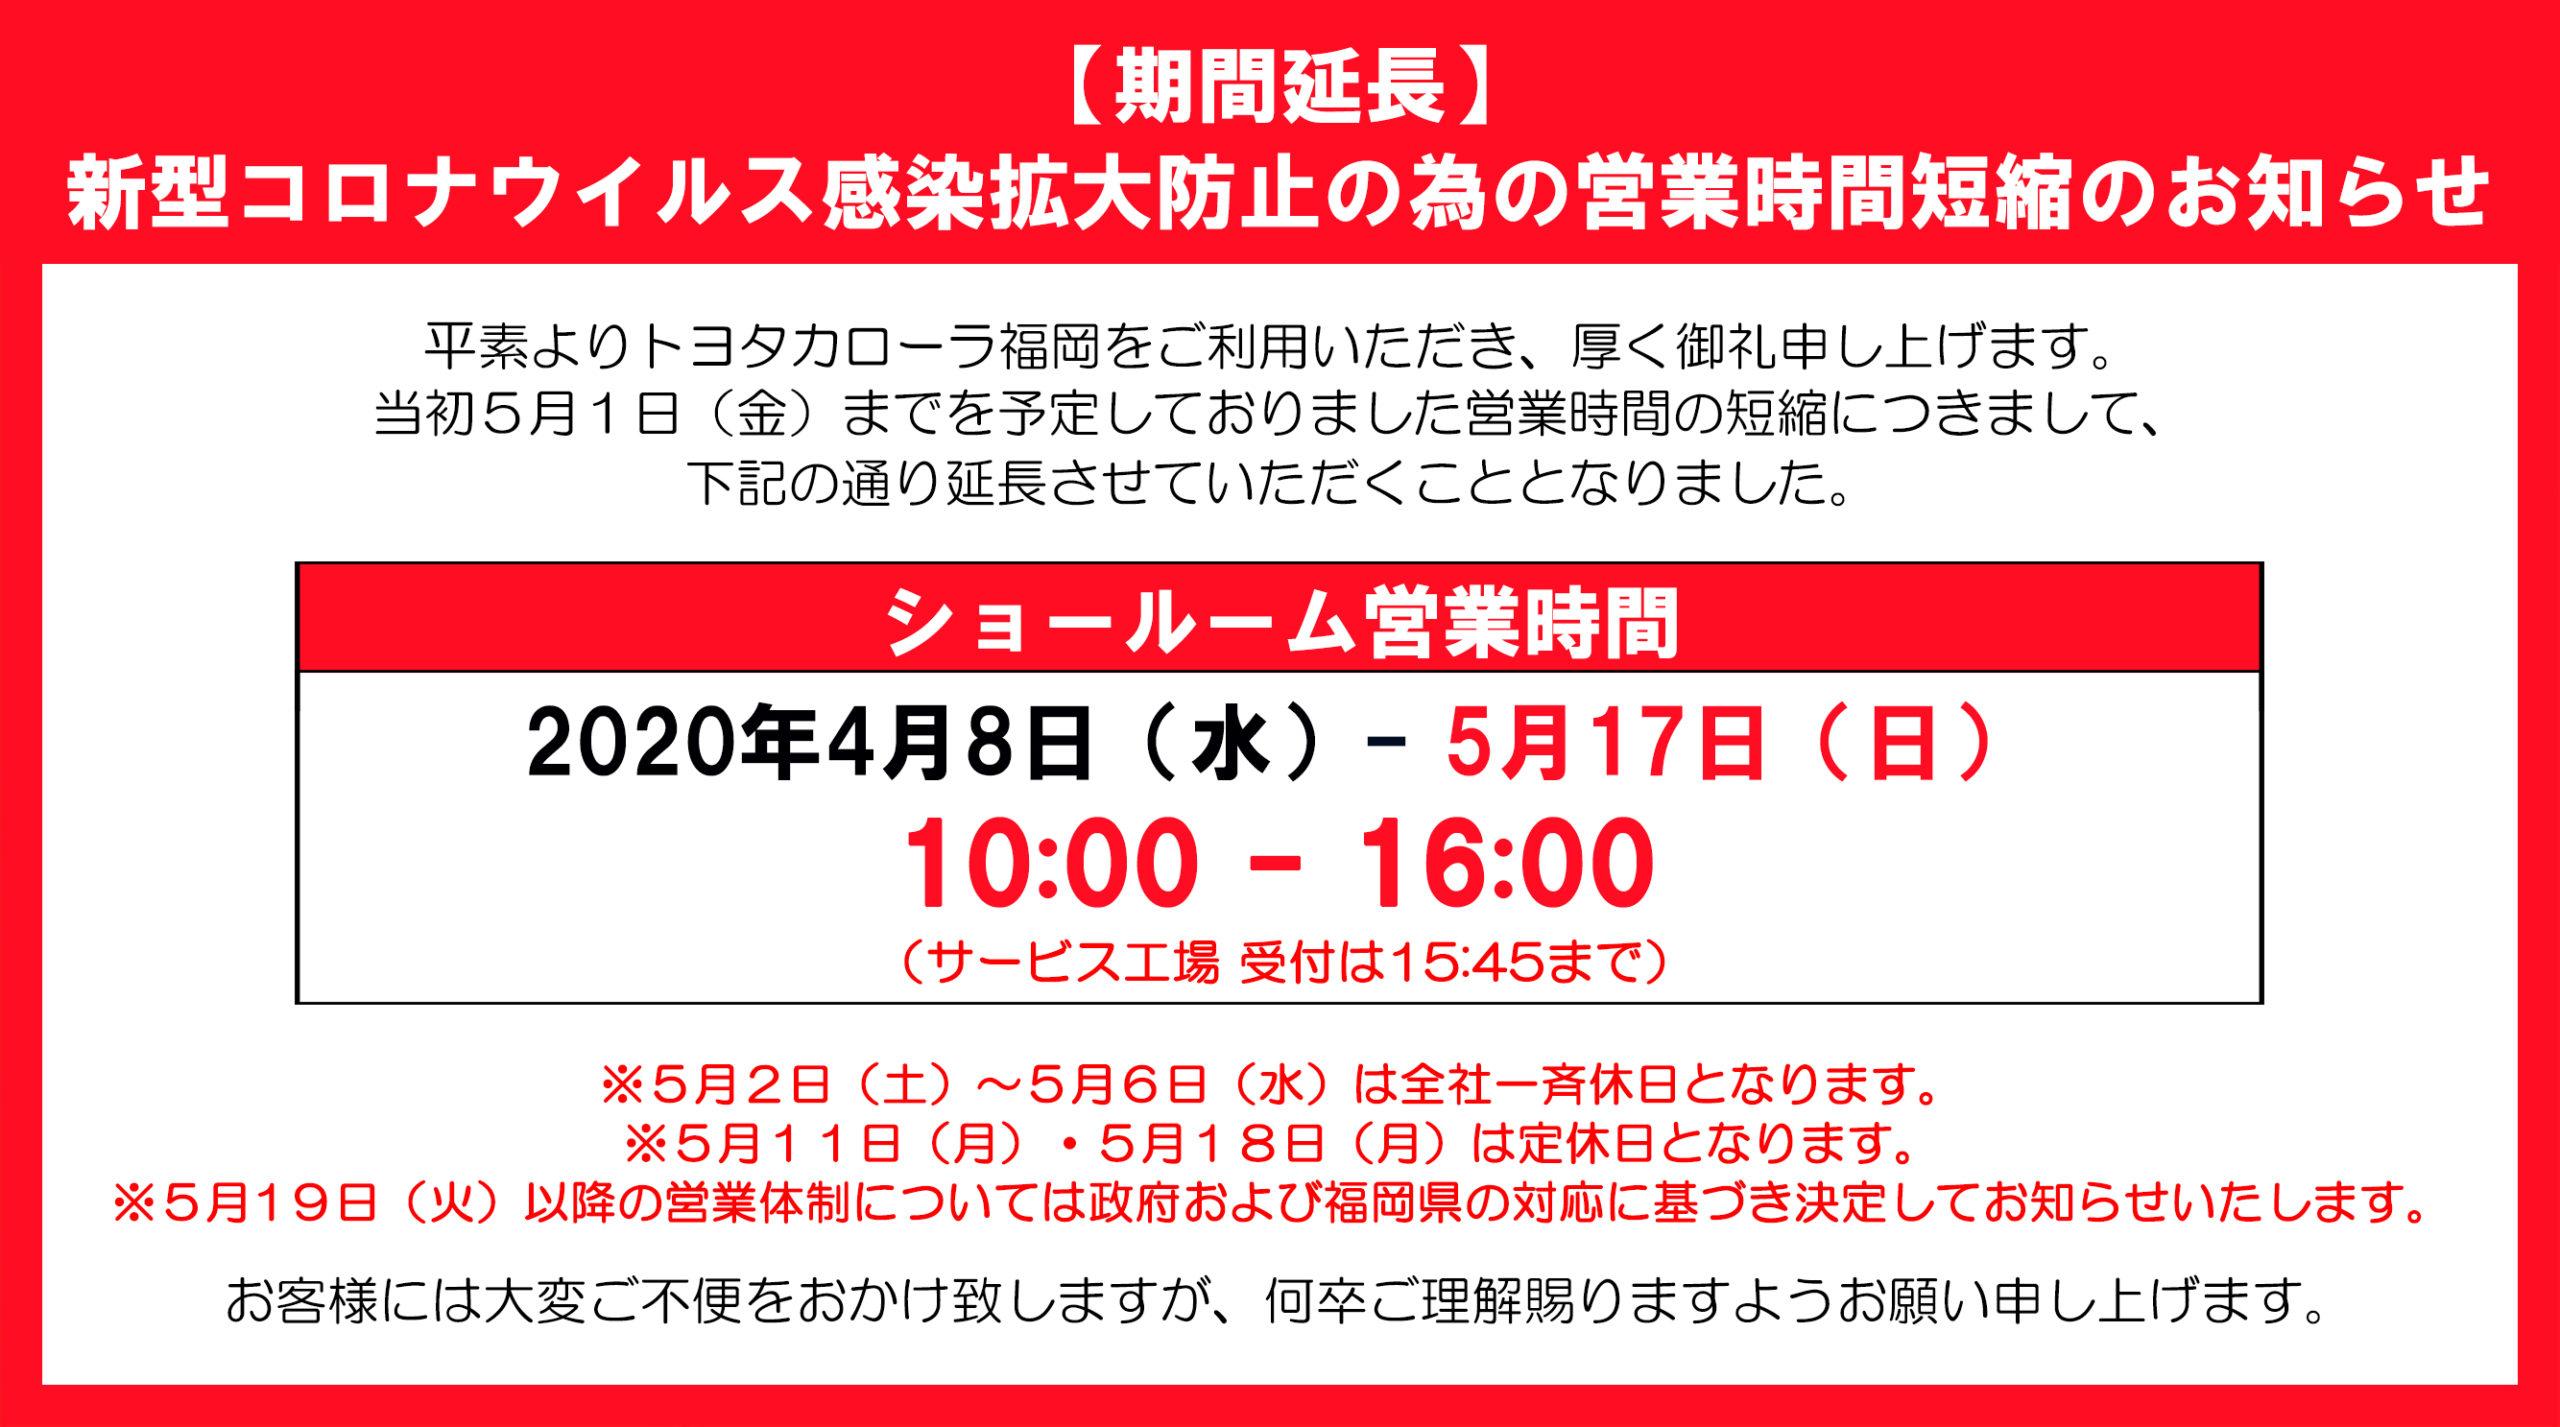 【期間延長】営業時間短縮のお知らせ